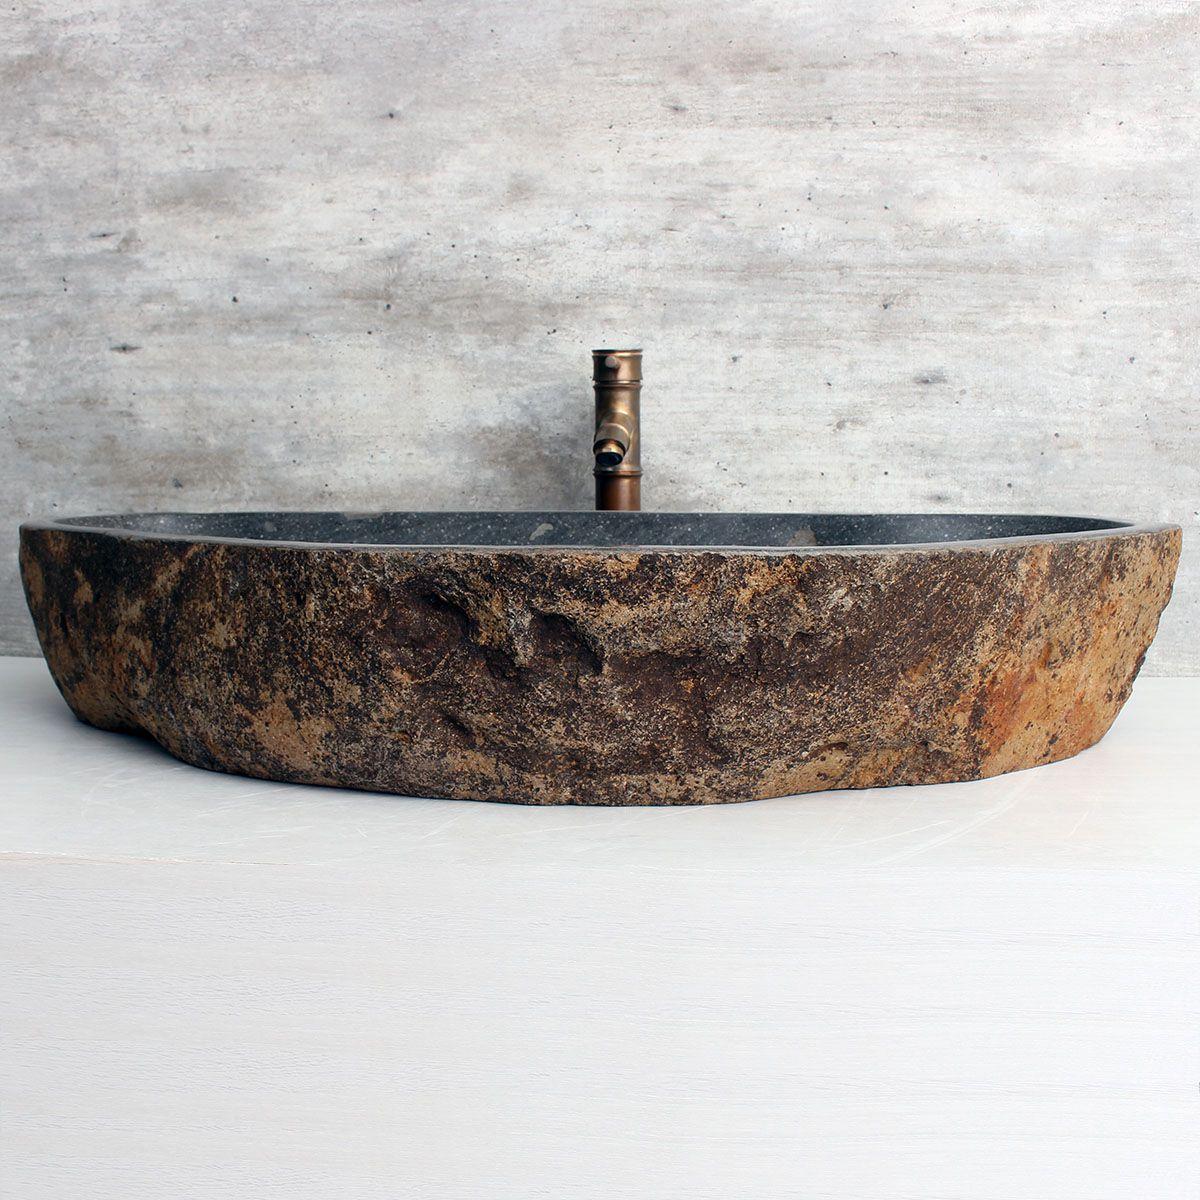 Cuba de Banheiro em Pedra Natural XXXL26 91x48x15cm